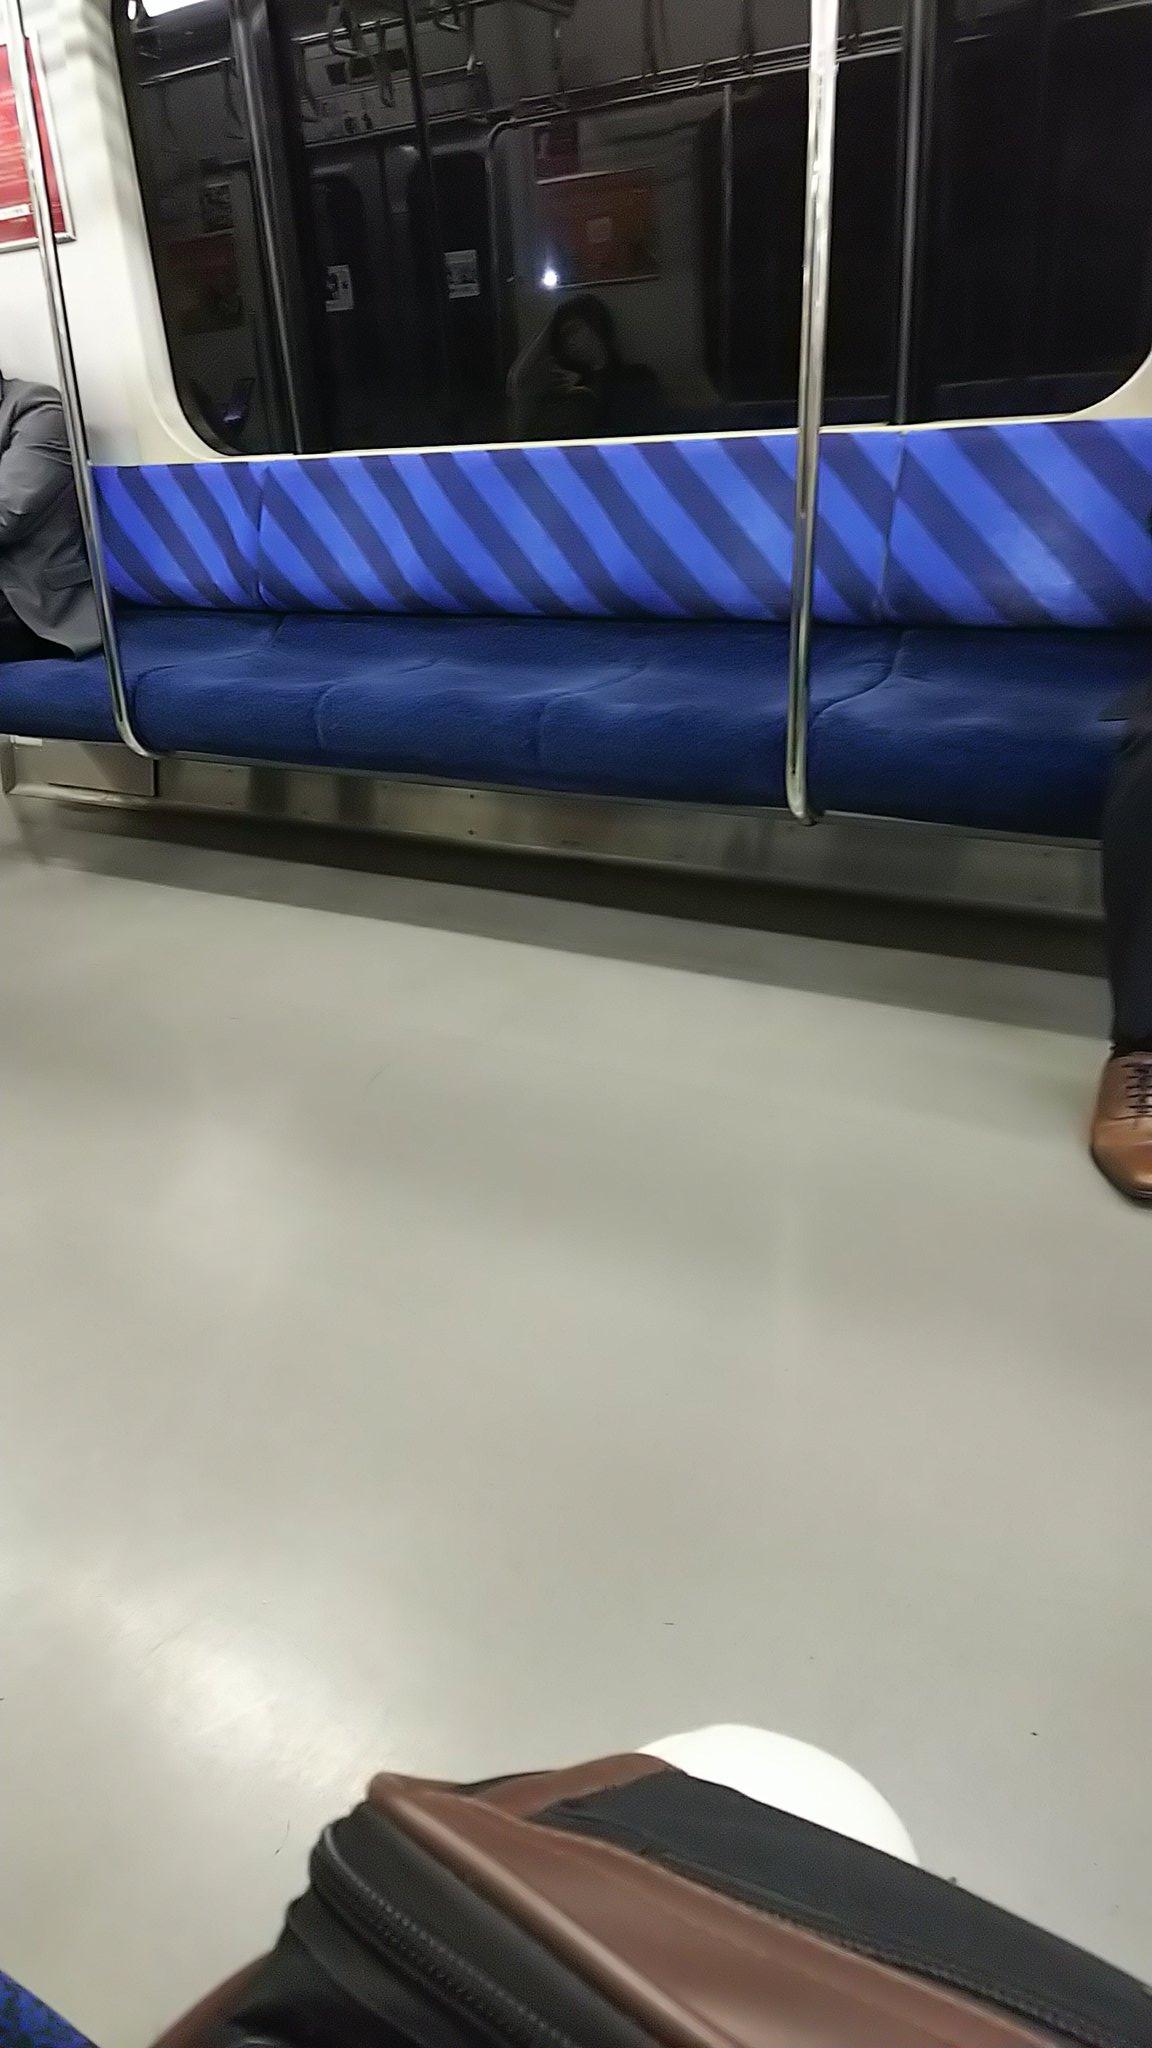 画像,京浜東北線も東海道線も遅延してたから横浜からの横須賀線乗ったらまー快適(*´ω`*)← https://t.co/a5v1OczxVp…